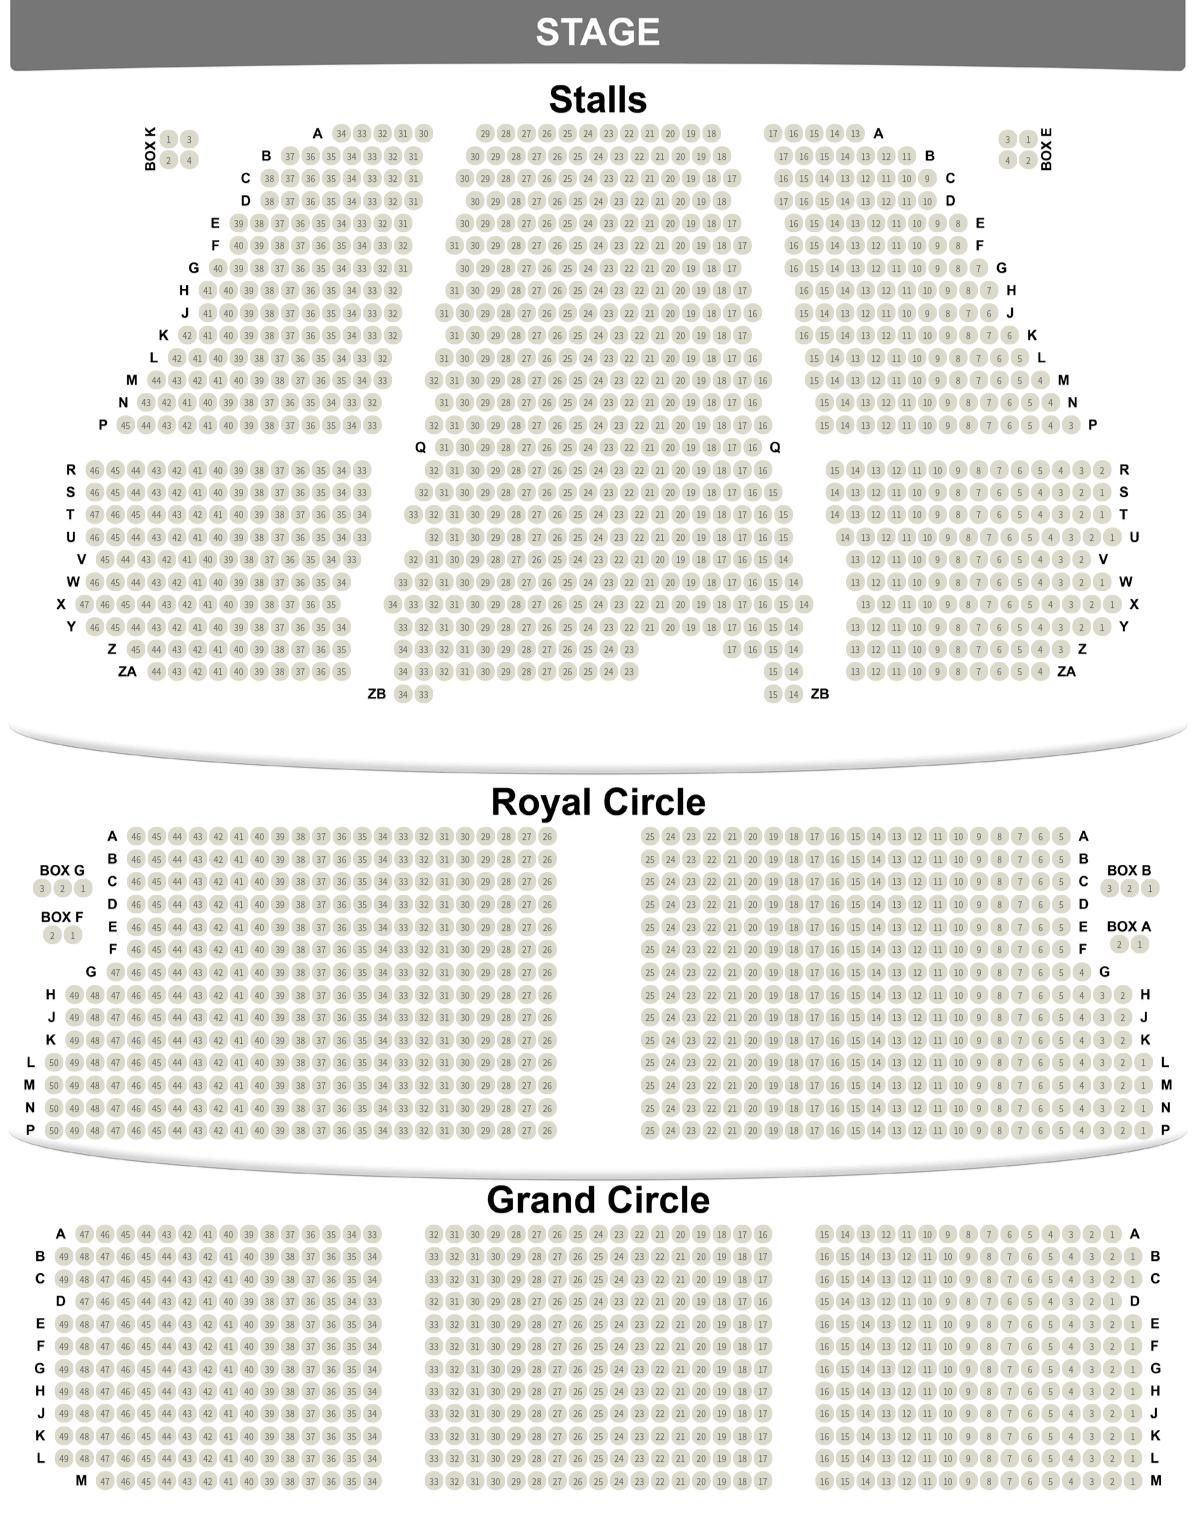 Plan de salle du Lyceum Theatre